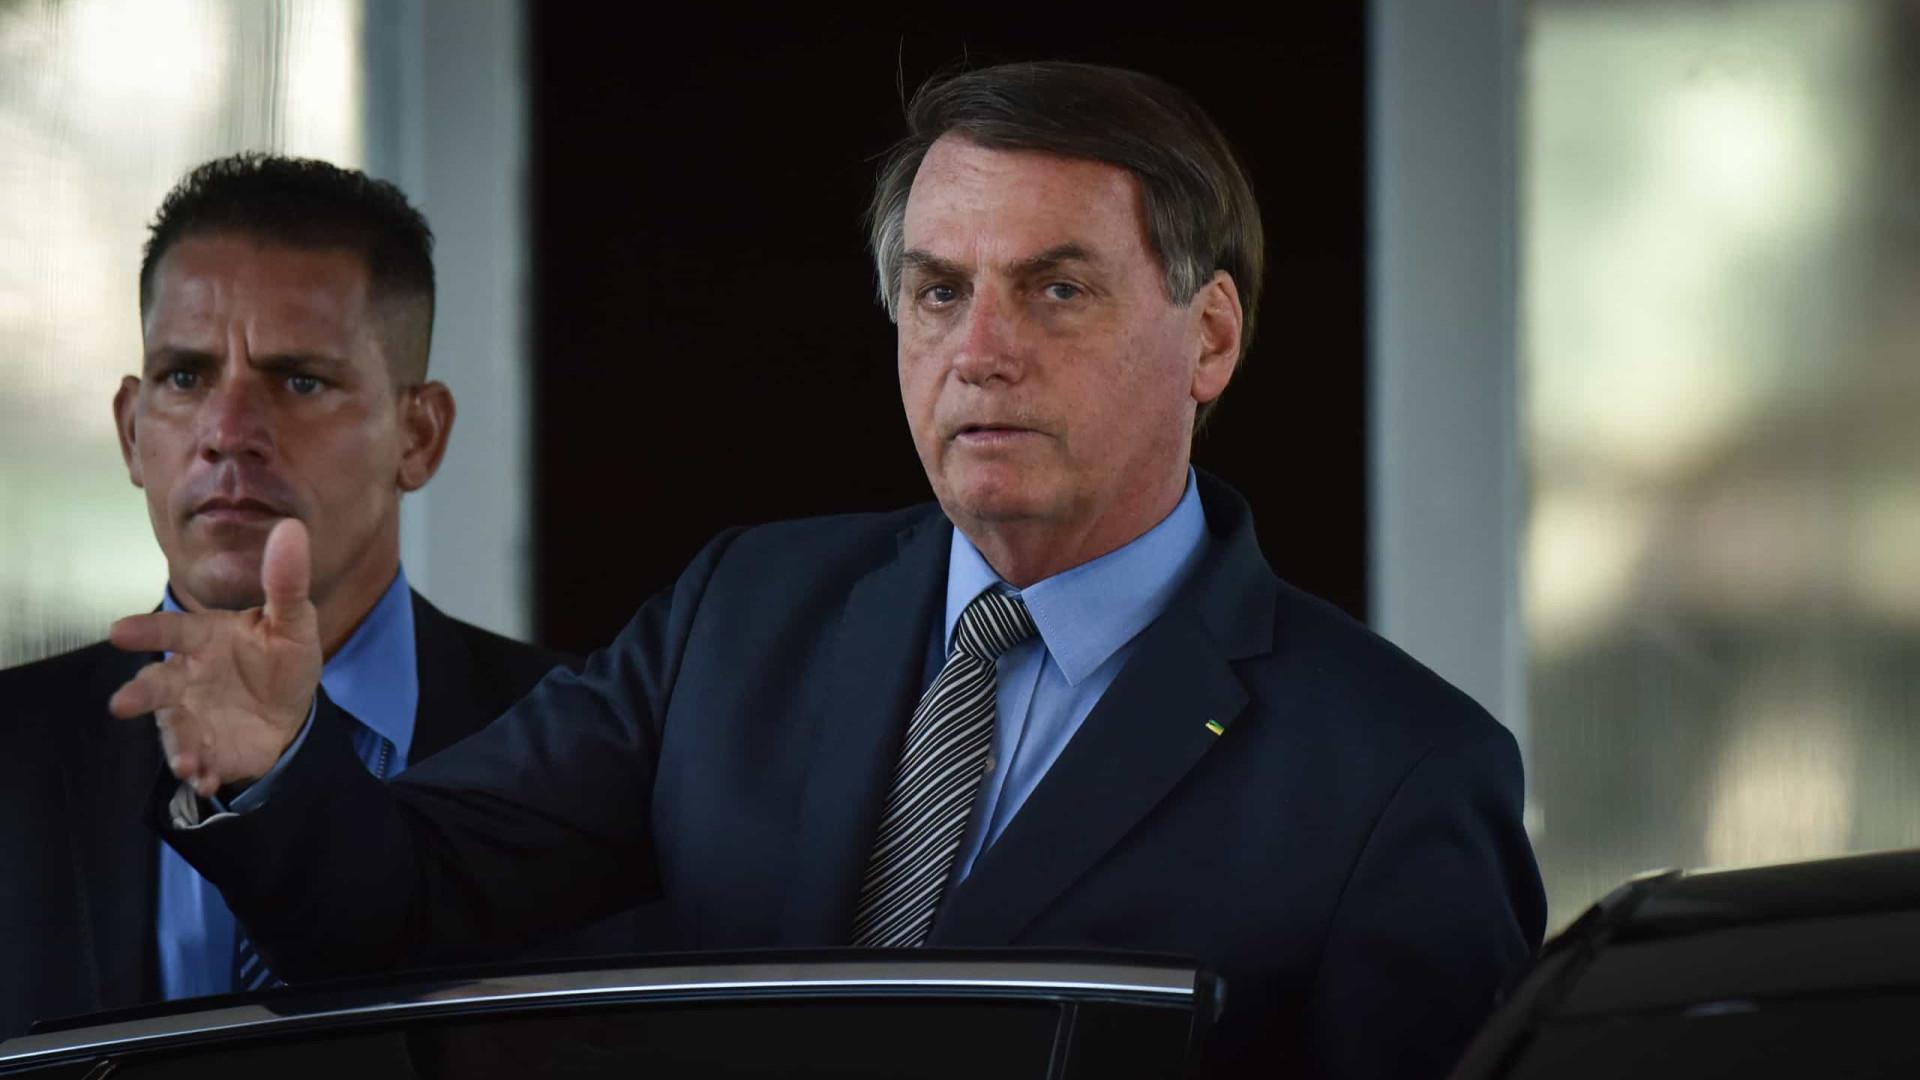 'Fofoca', diz Bolsonaro sobre especulação de que Maia pode virar ministro